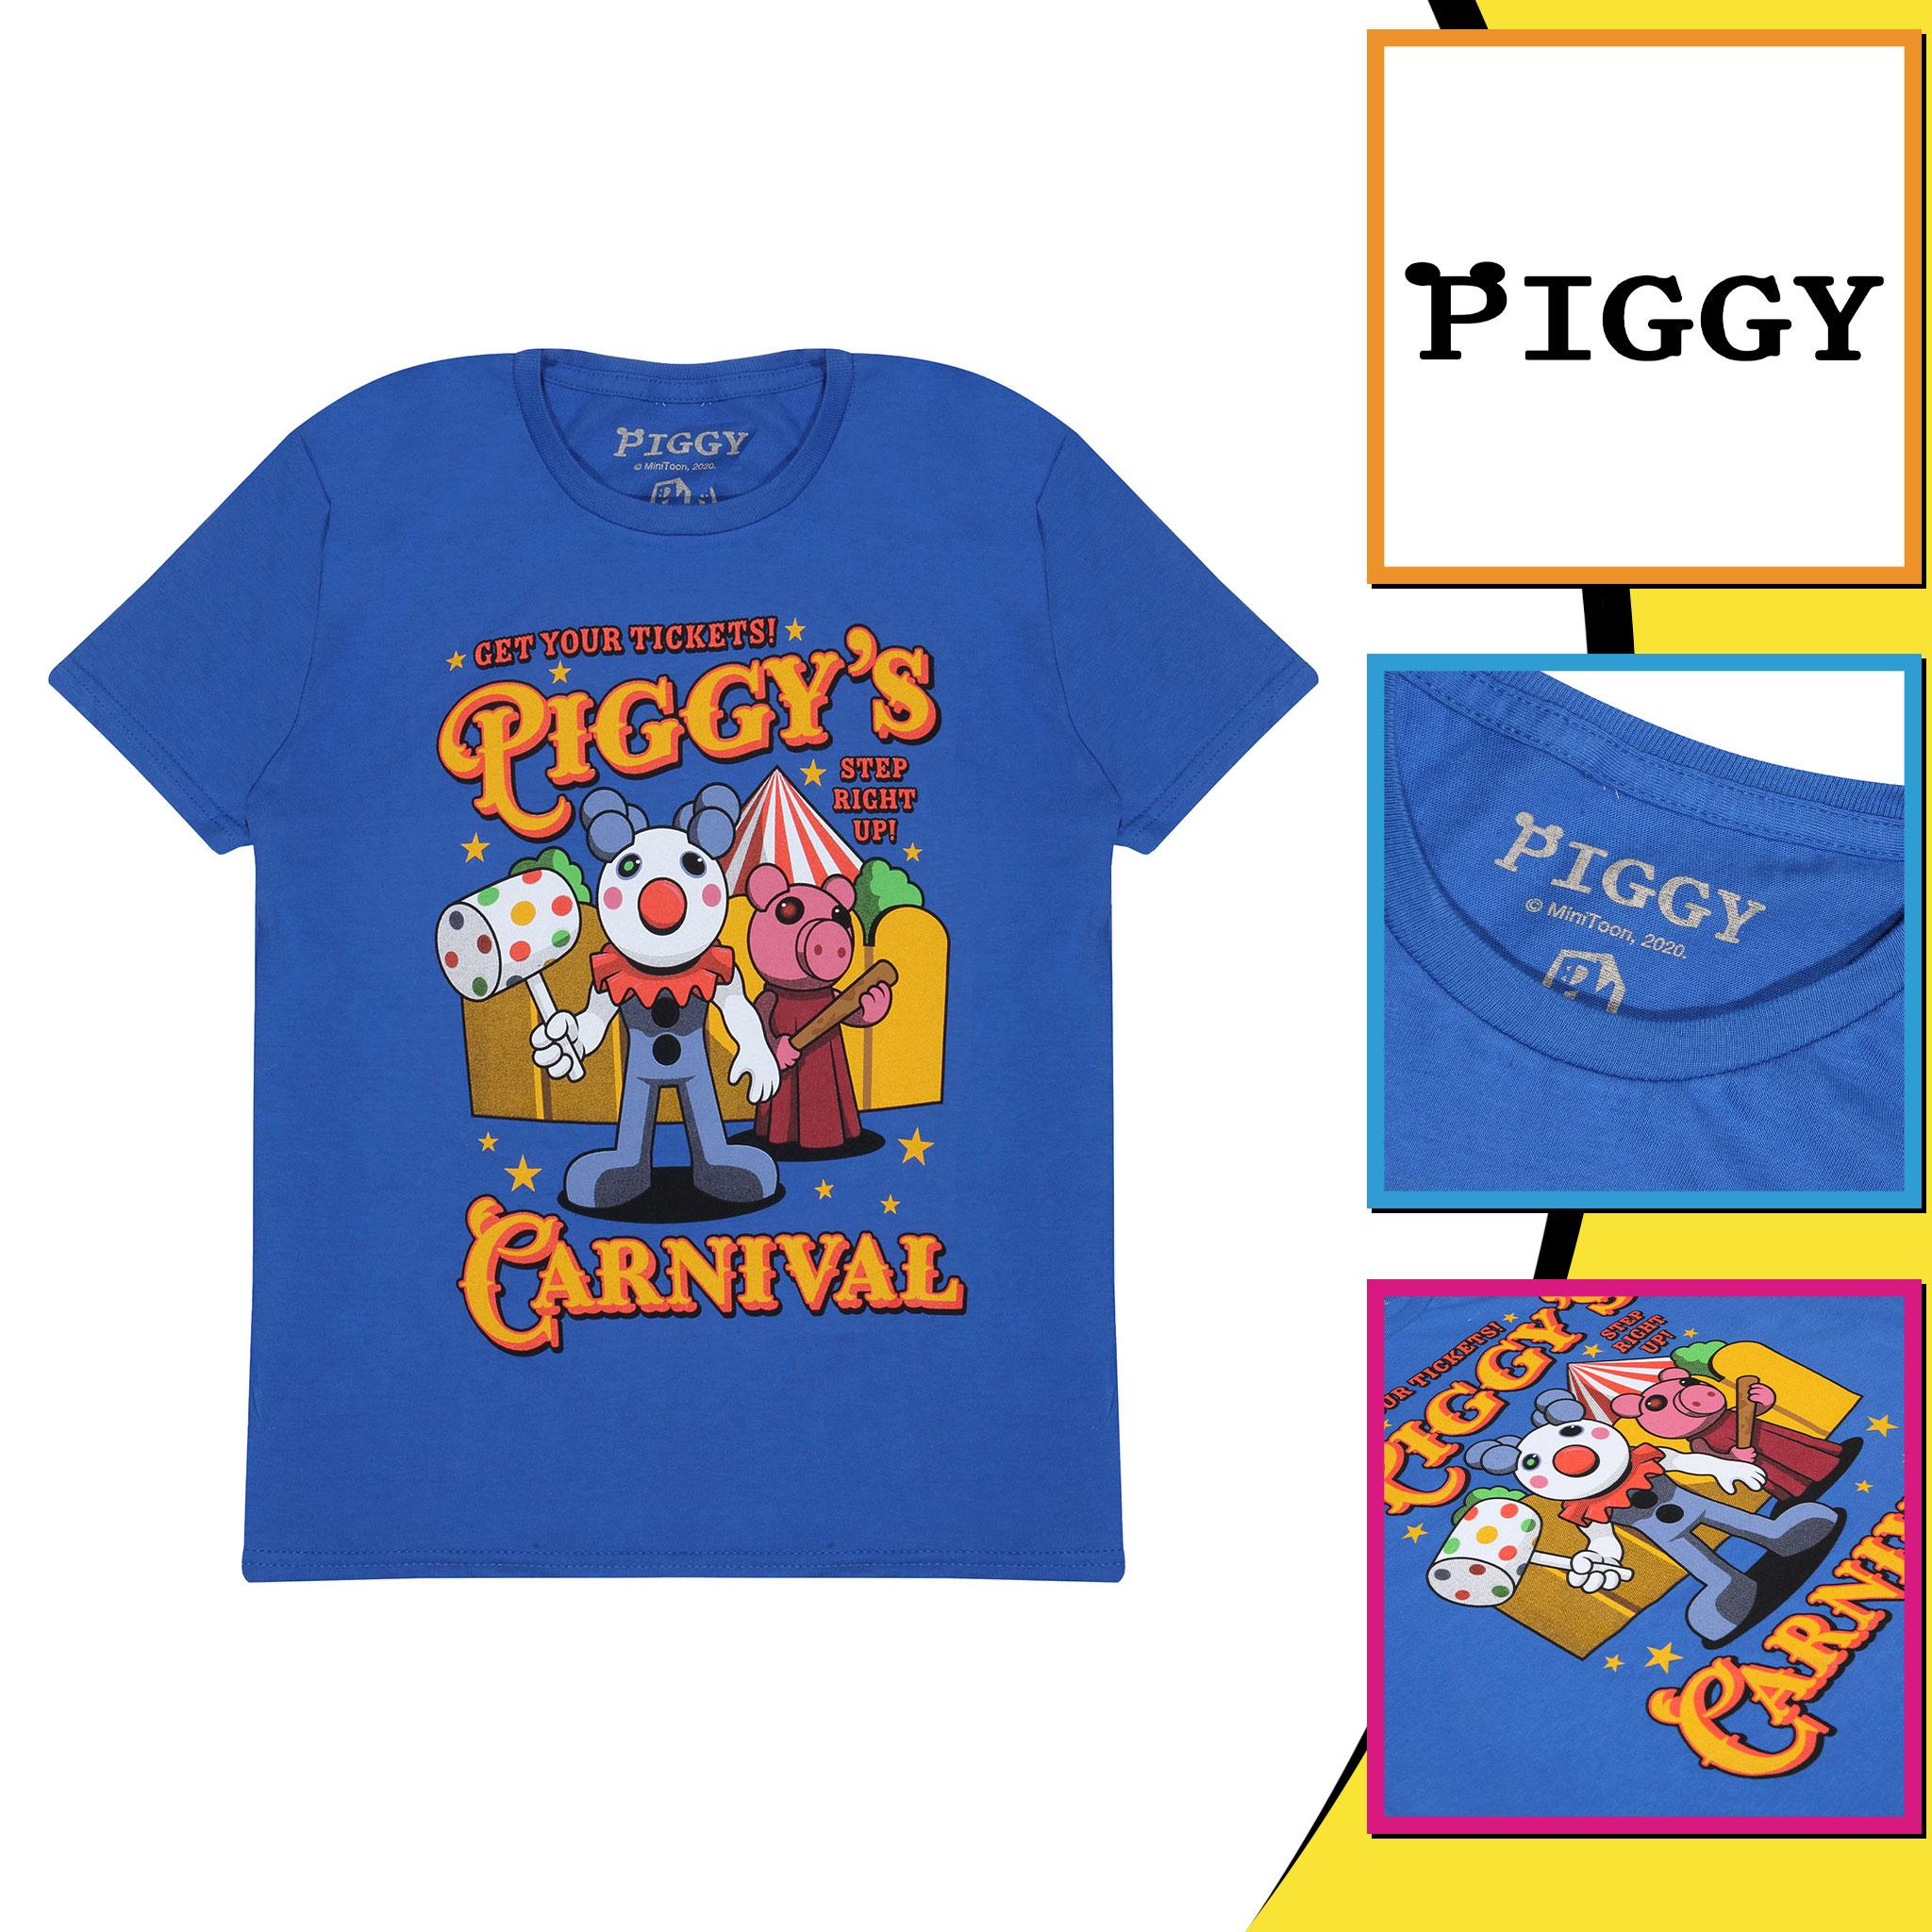 miniature 13 - Boys Piggy T Shirt Carnival Official